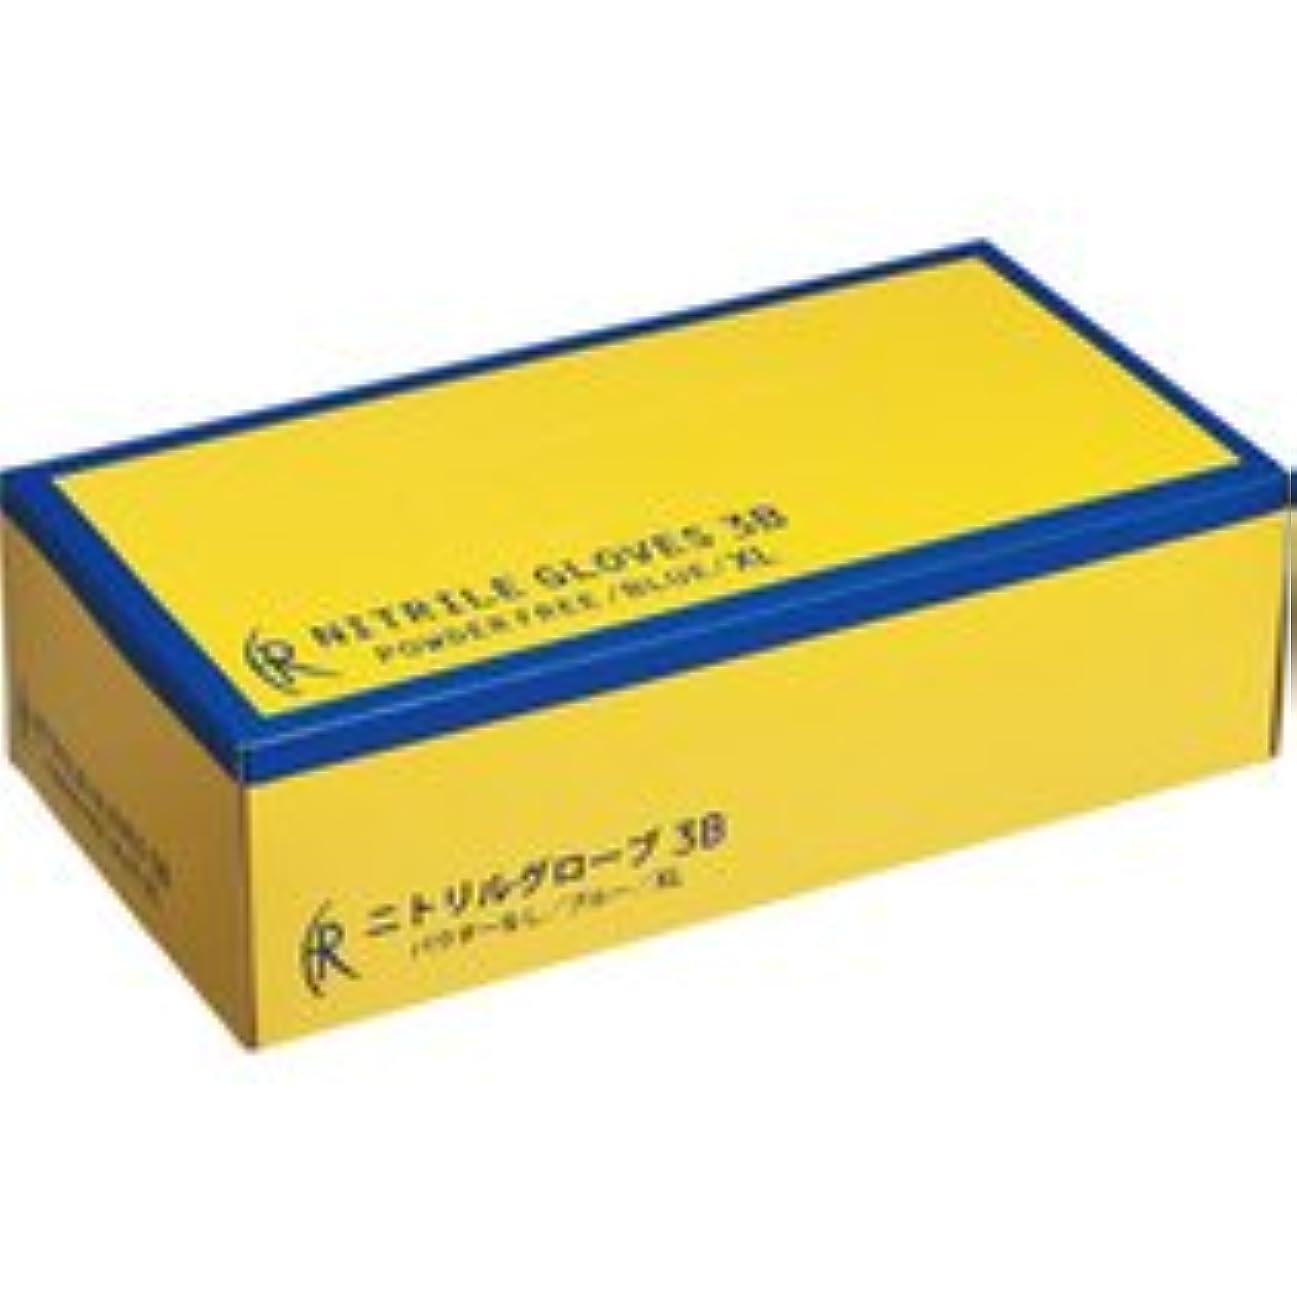 複雑なデジタル遊び場ファーストレイト ニトリルグローブ3B パウダーフリー XL FR-5664 1セット(2000枚:200枚×10箱)